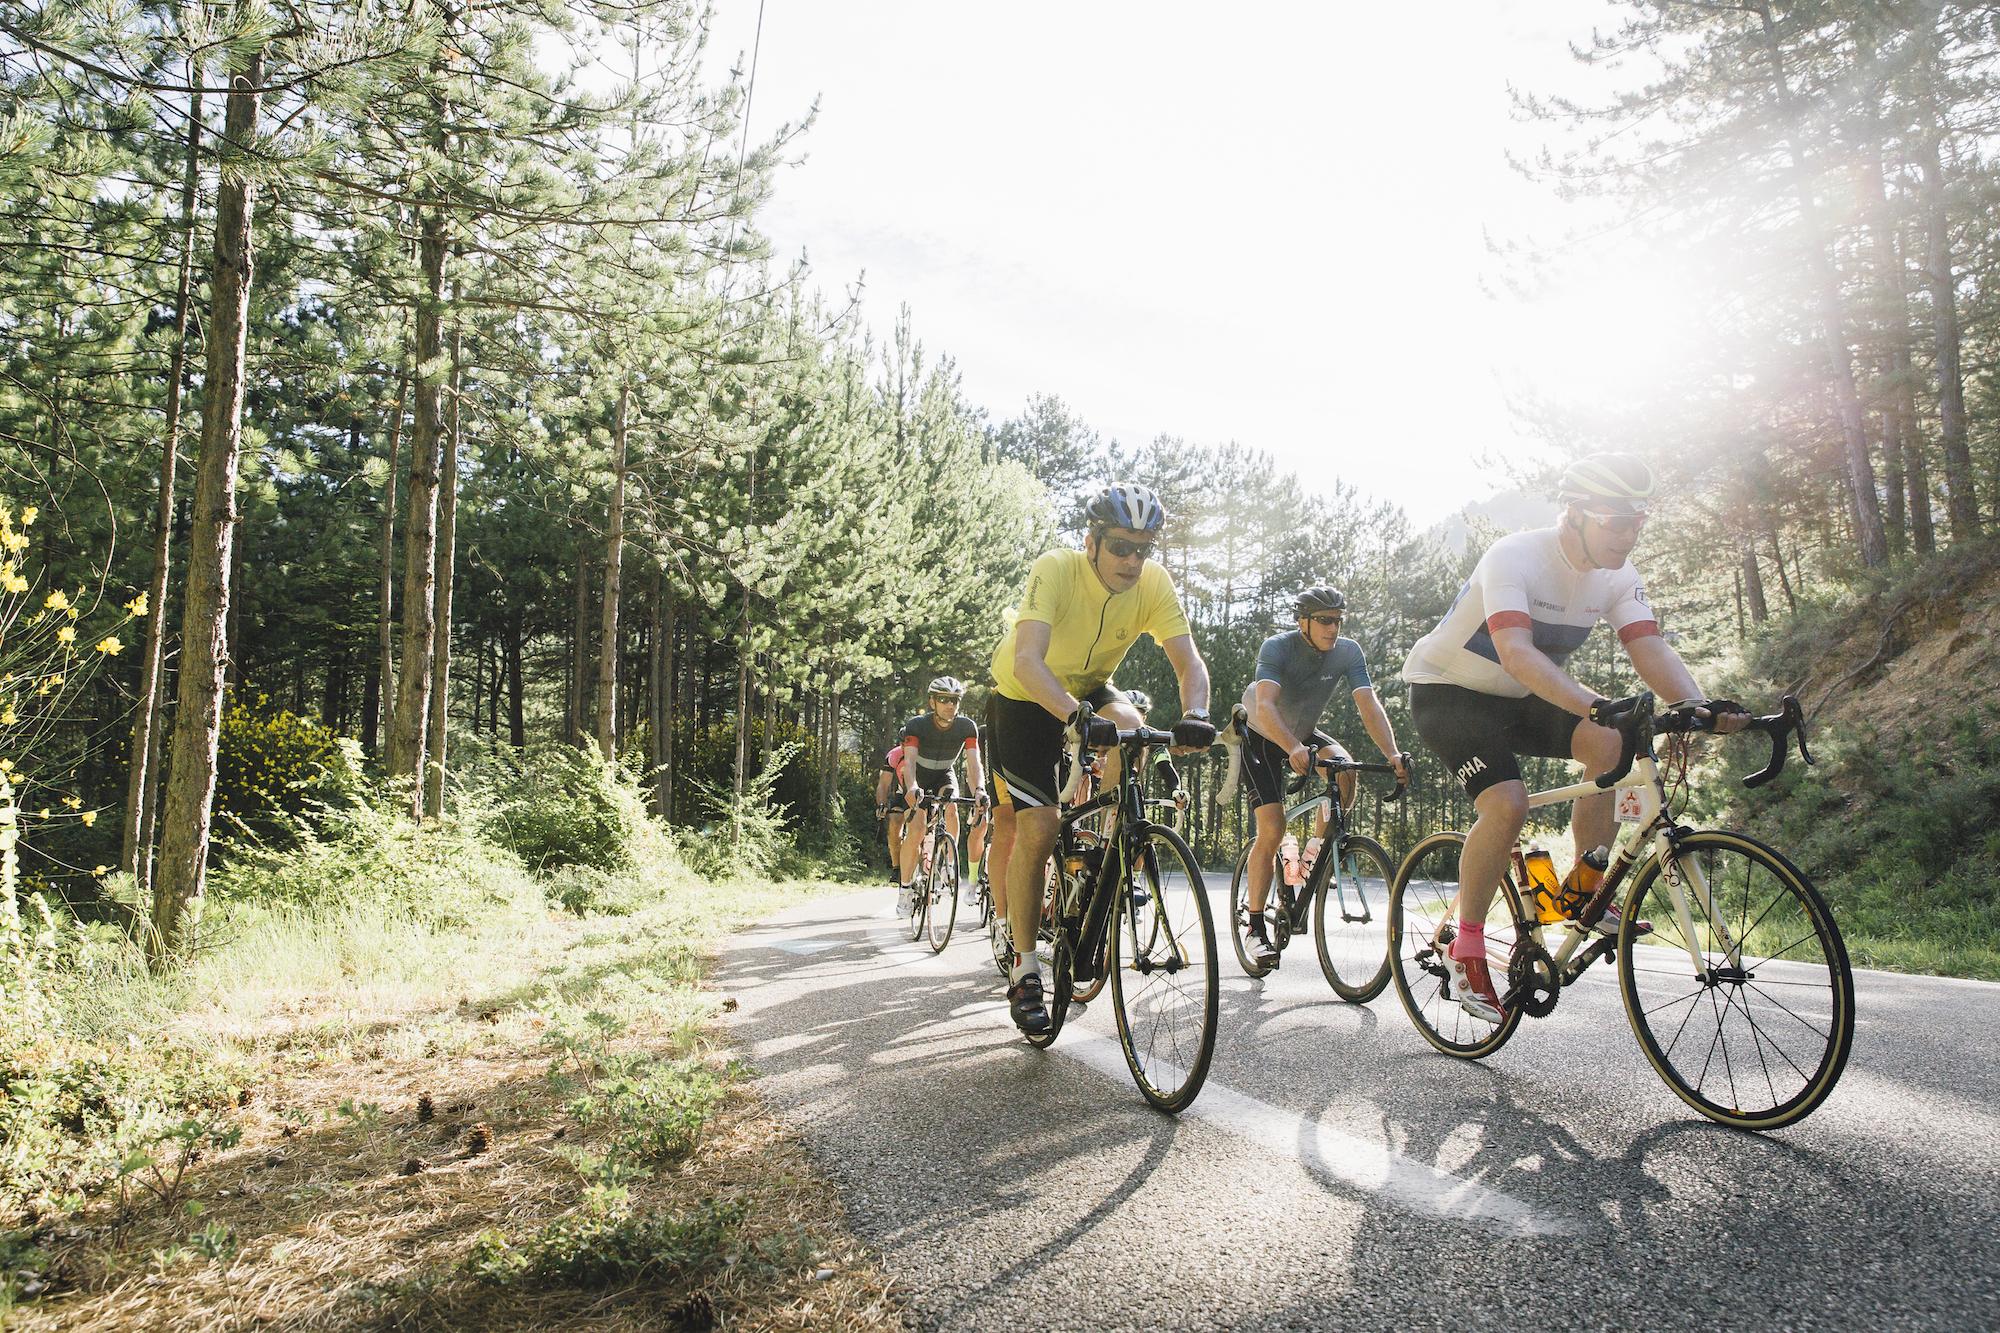 Como pedalar em grupo - faça sua vez na frente